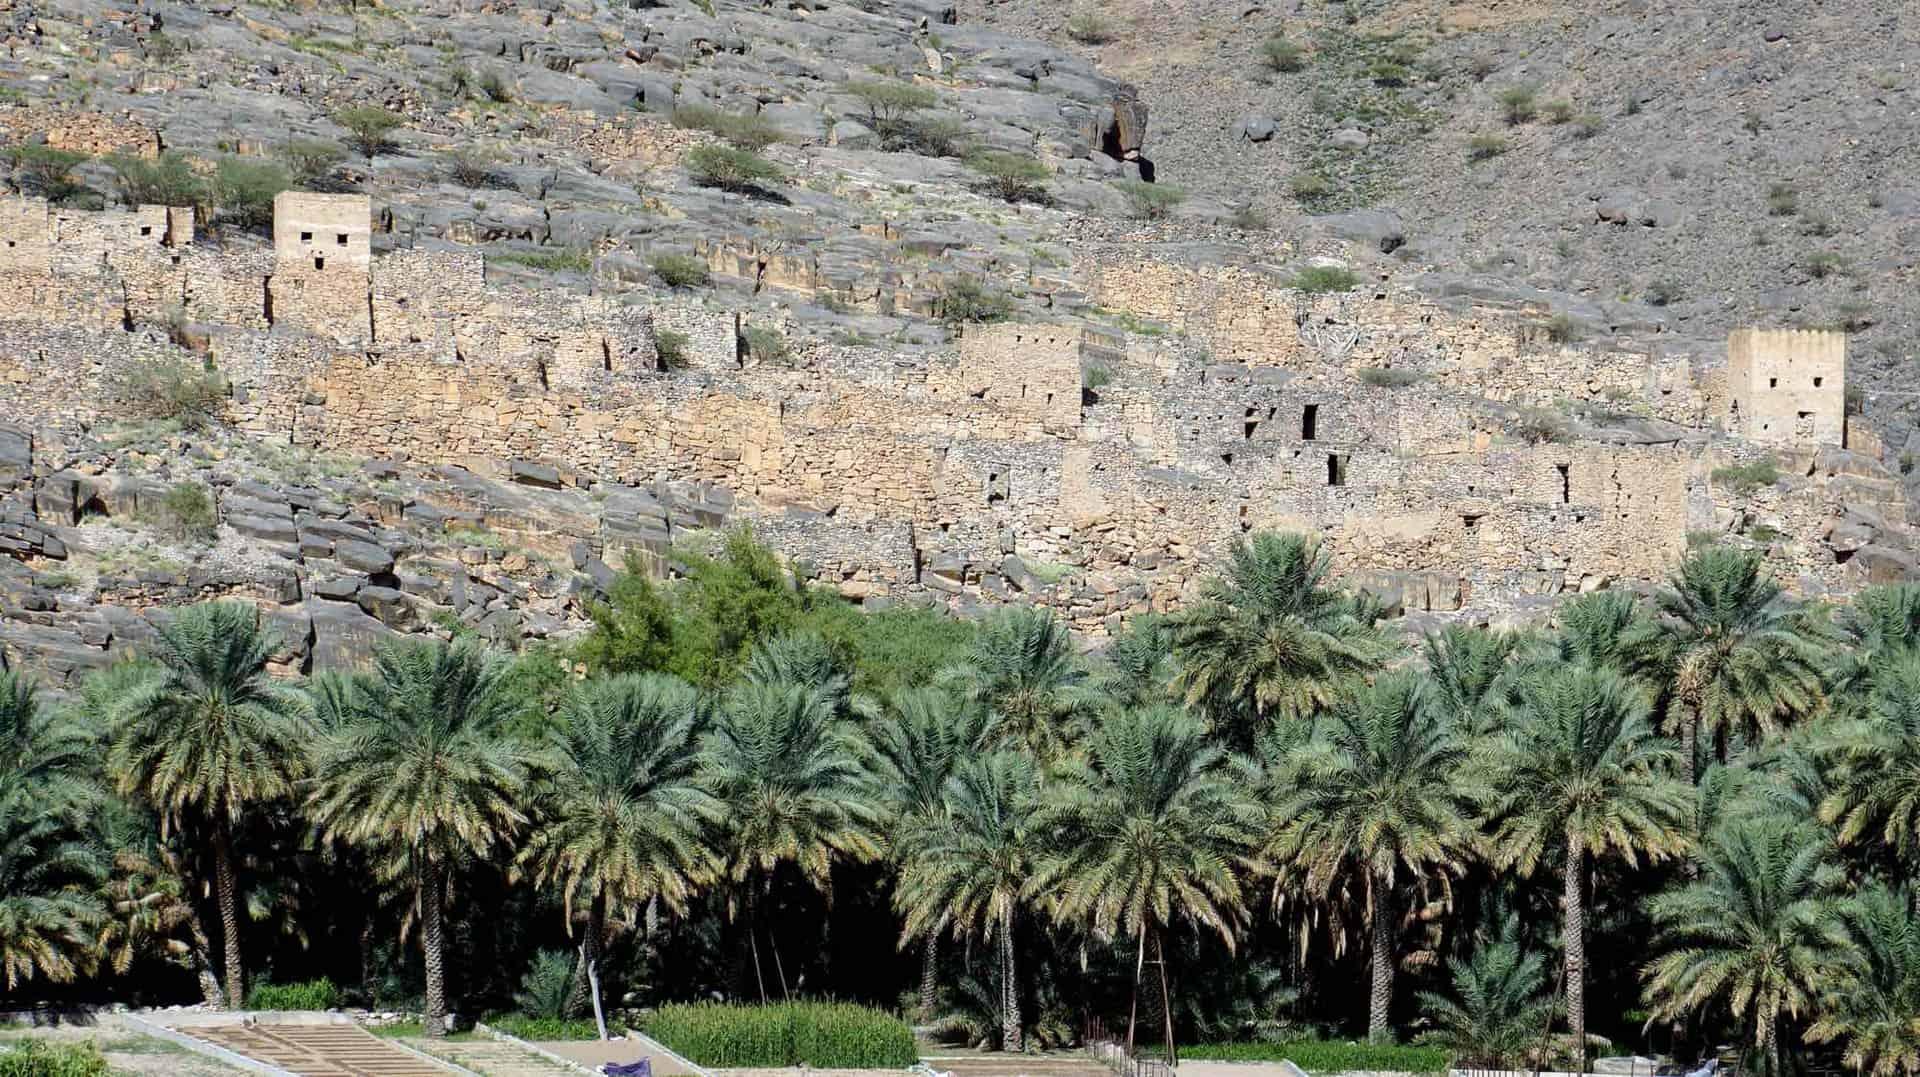 gamle landsbyer og wadi i oman